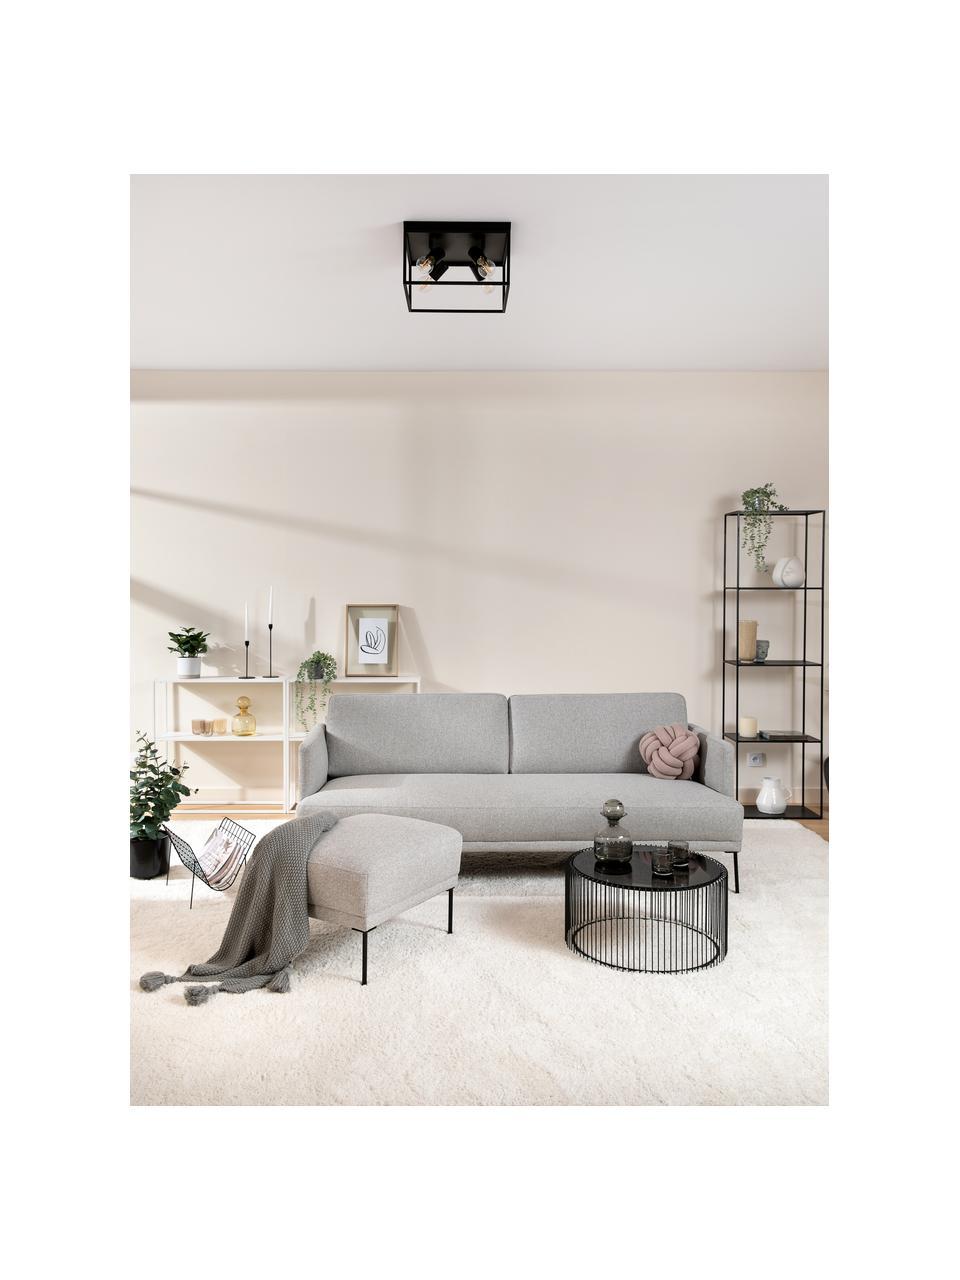 Sofa Fluente (3-Sitzer) in Hellgrau mit Metall-Füßen, Bezug: 80% Polyester, 20% Ramie , Gestell: Massives Kiefernholz, Füße: Metall, pulverbeschichtet, Webstoff Hellgrau, B 196 x T 85 cm